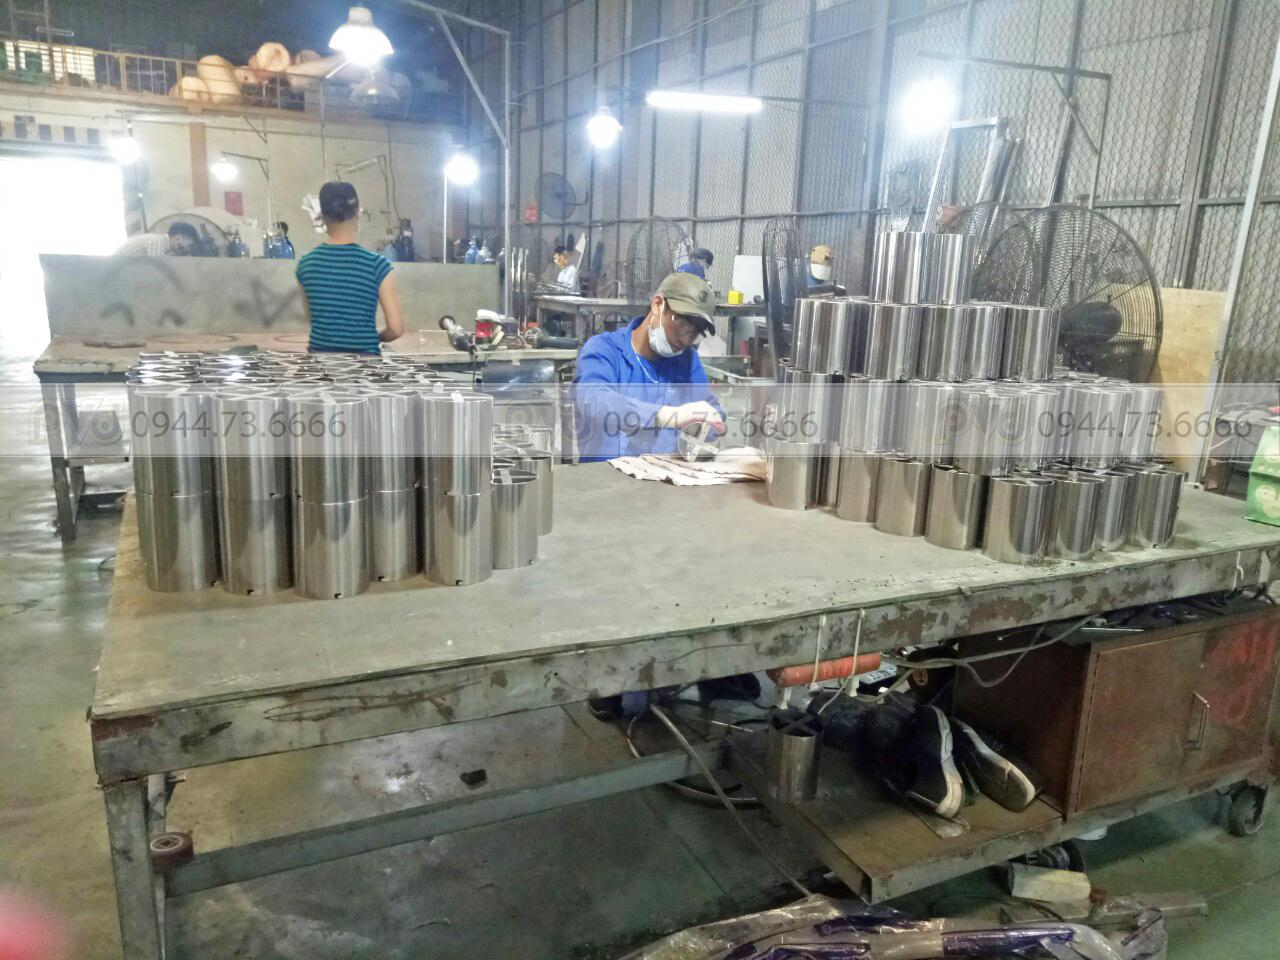 Công nhân sản xuất tiếp nhận và tiến hành sản xuất